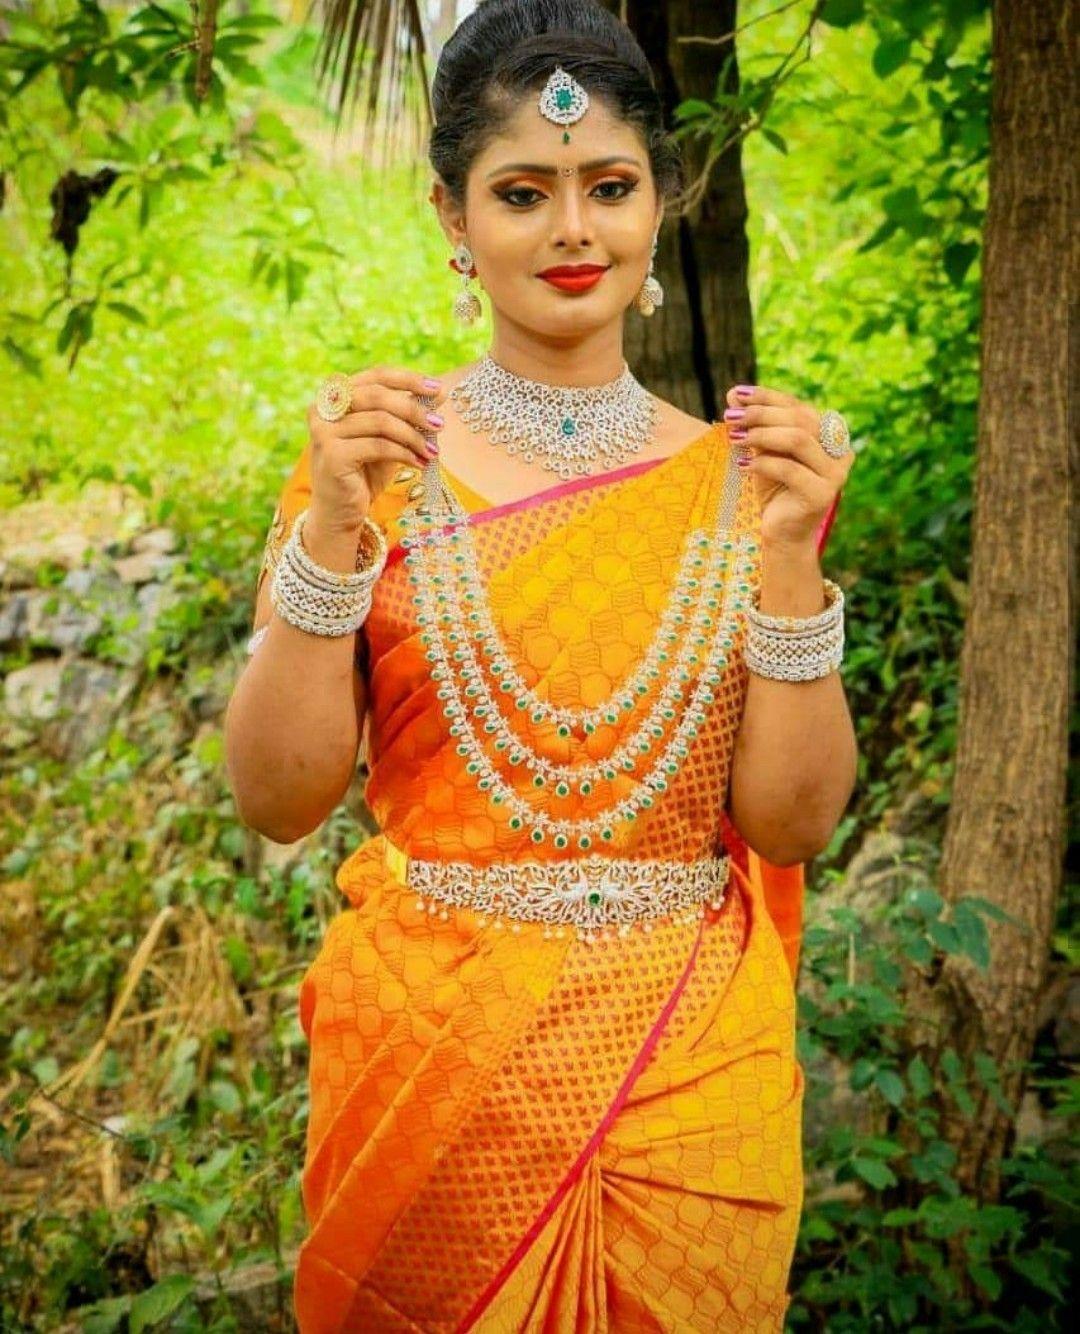 Pin By Priyanka Kolla On Diamond Jewellery Indian Wedding